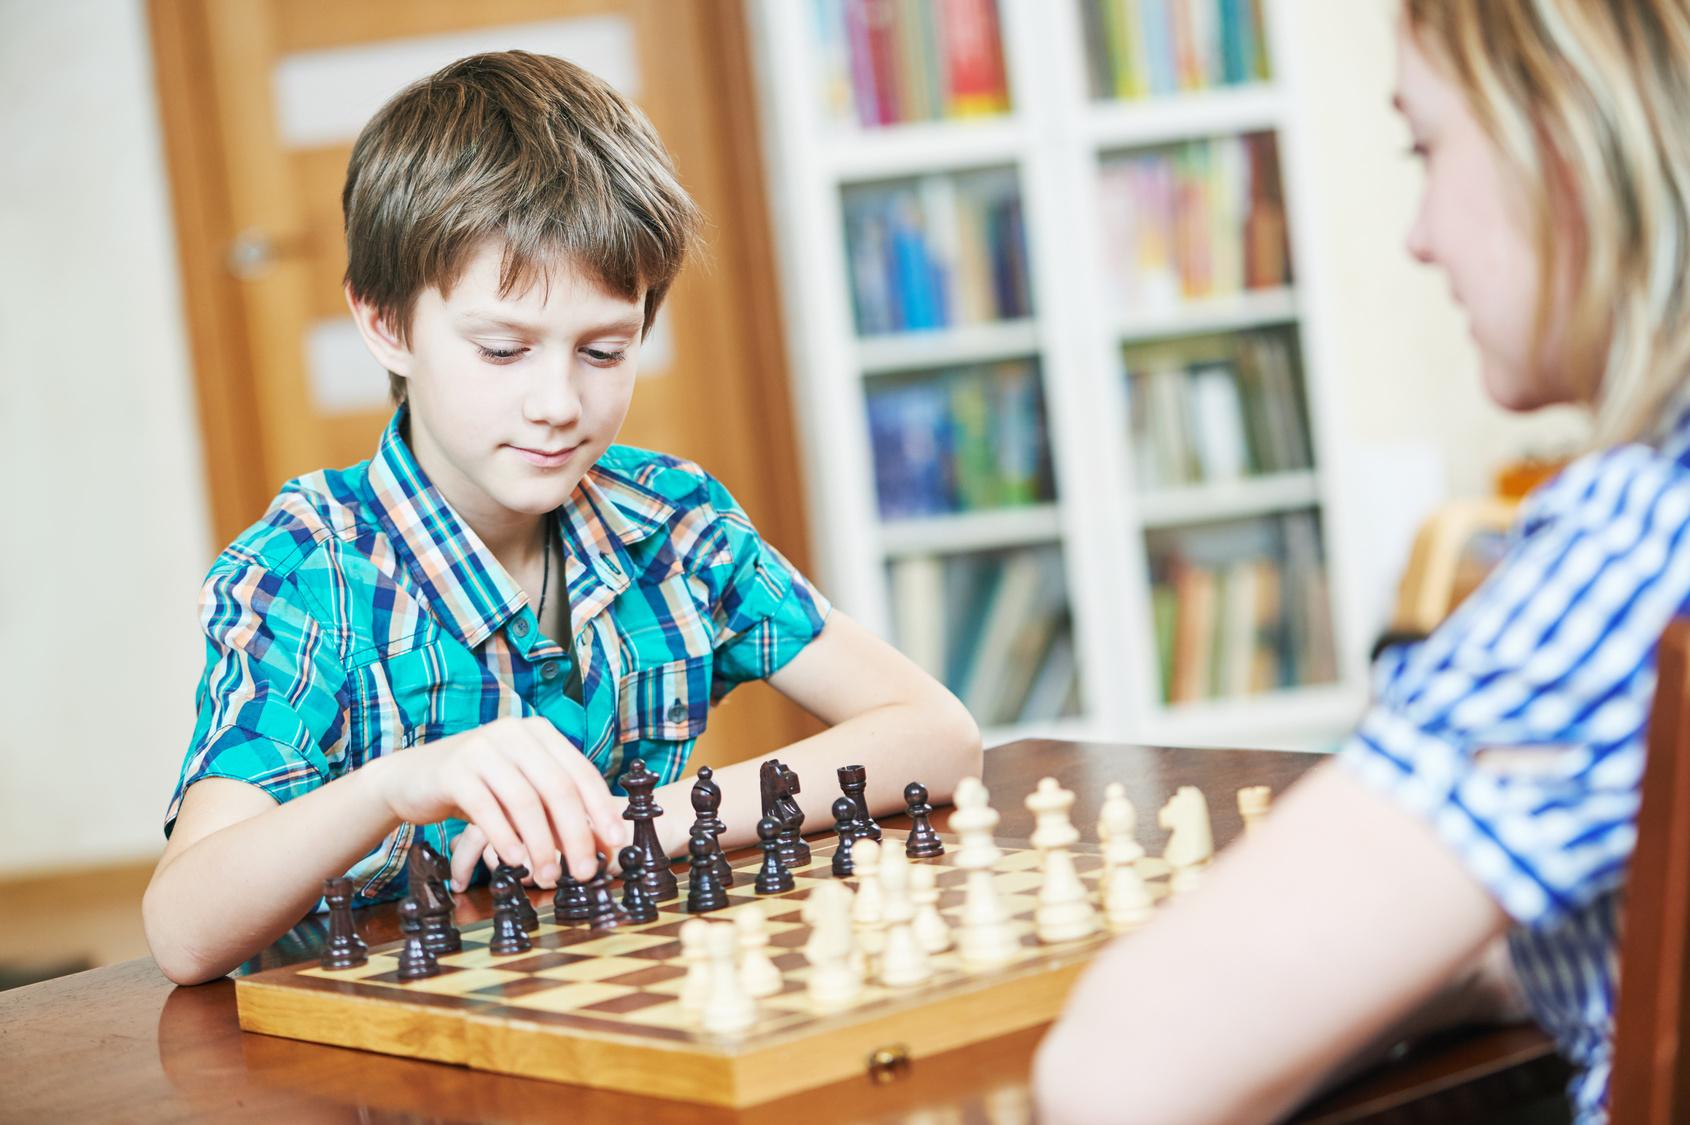 Profesor de ajedrez, Clases de ajedrez